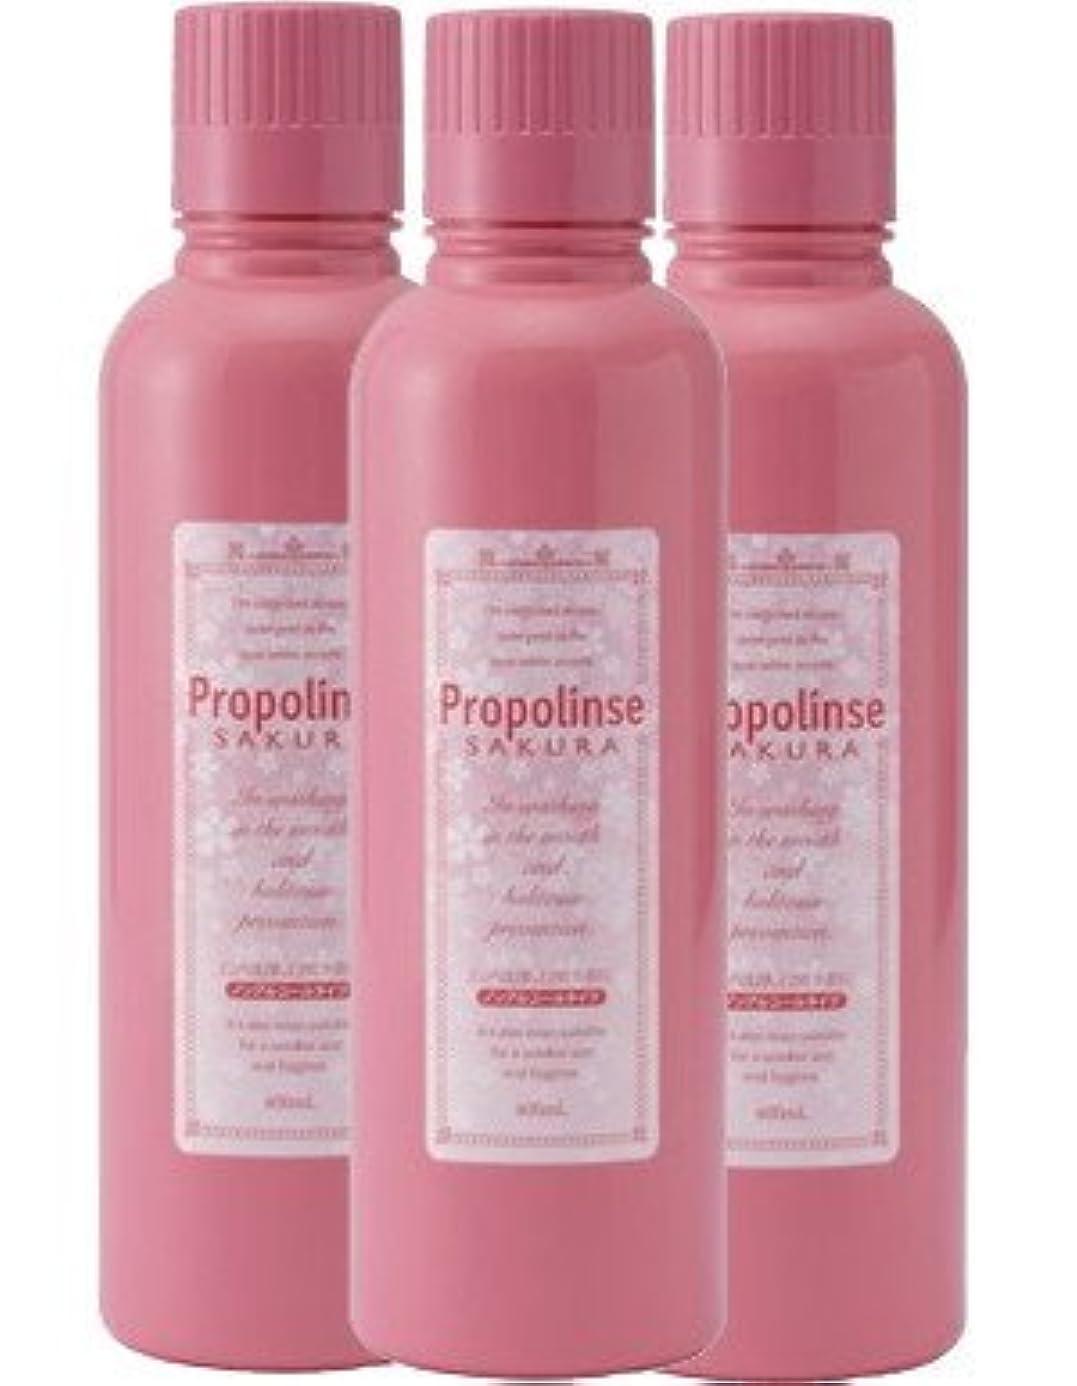 囲い起訴するあたりPropolinse ピエラス プロポリンス マウスウォッシュ サクラ 600ML*3本 本体 ノンアルコール 低刺激タイプ